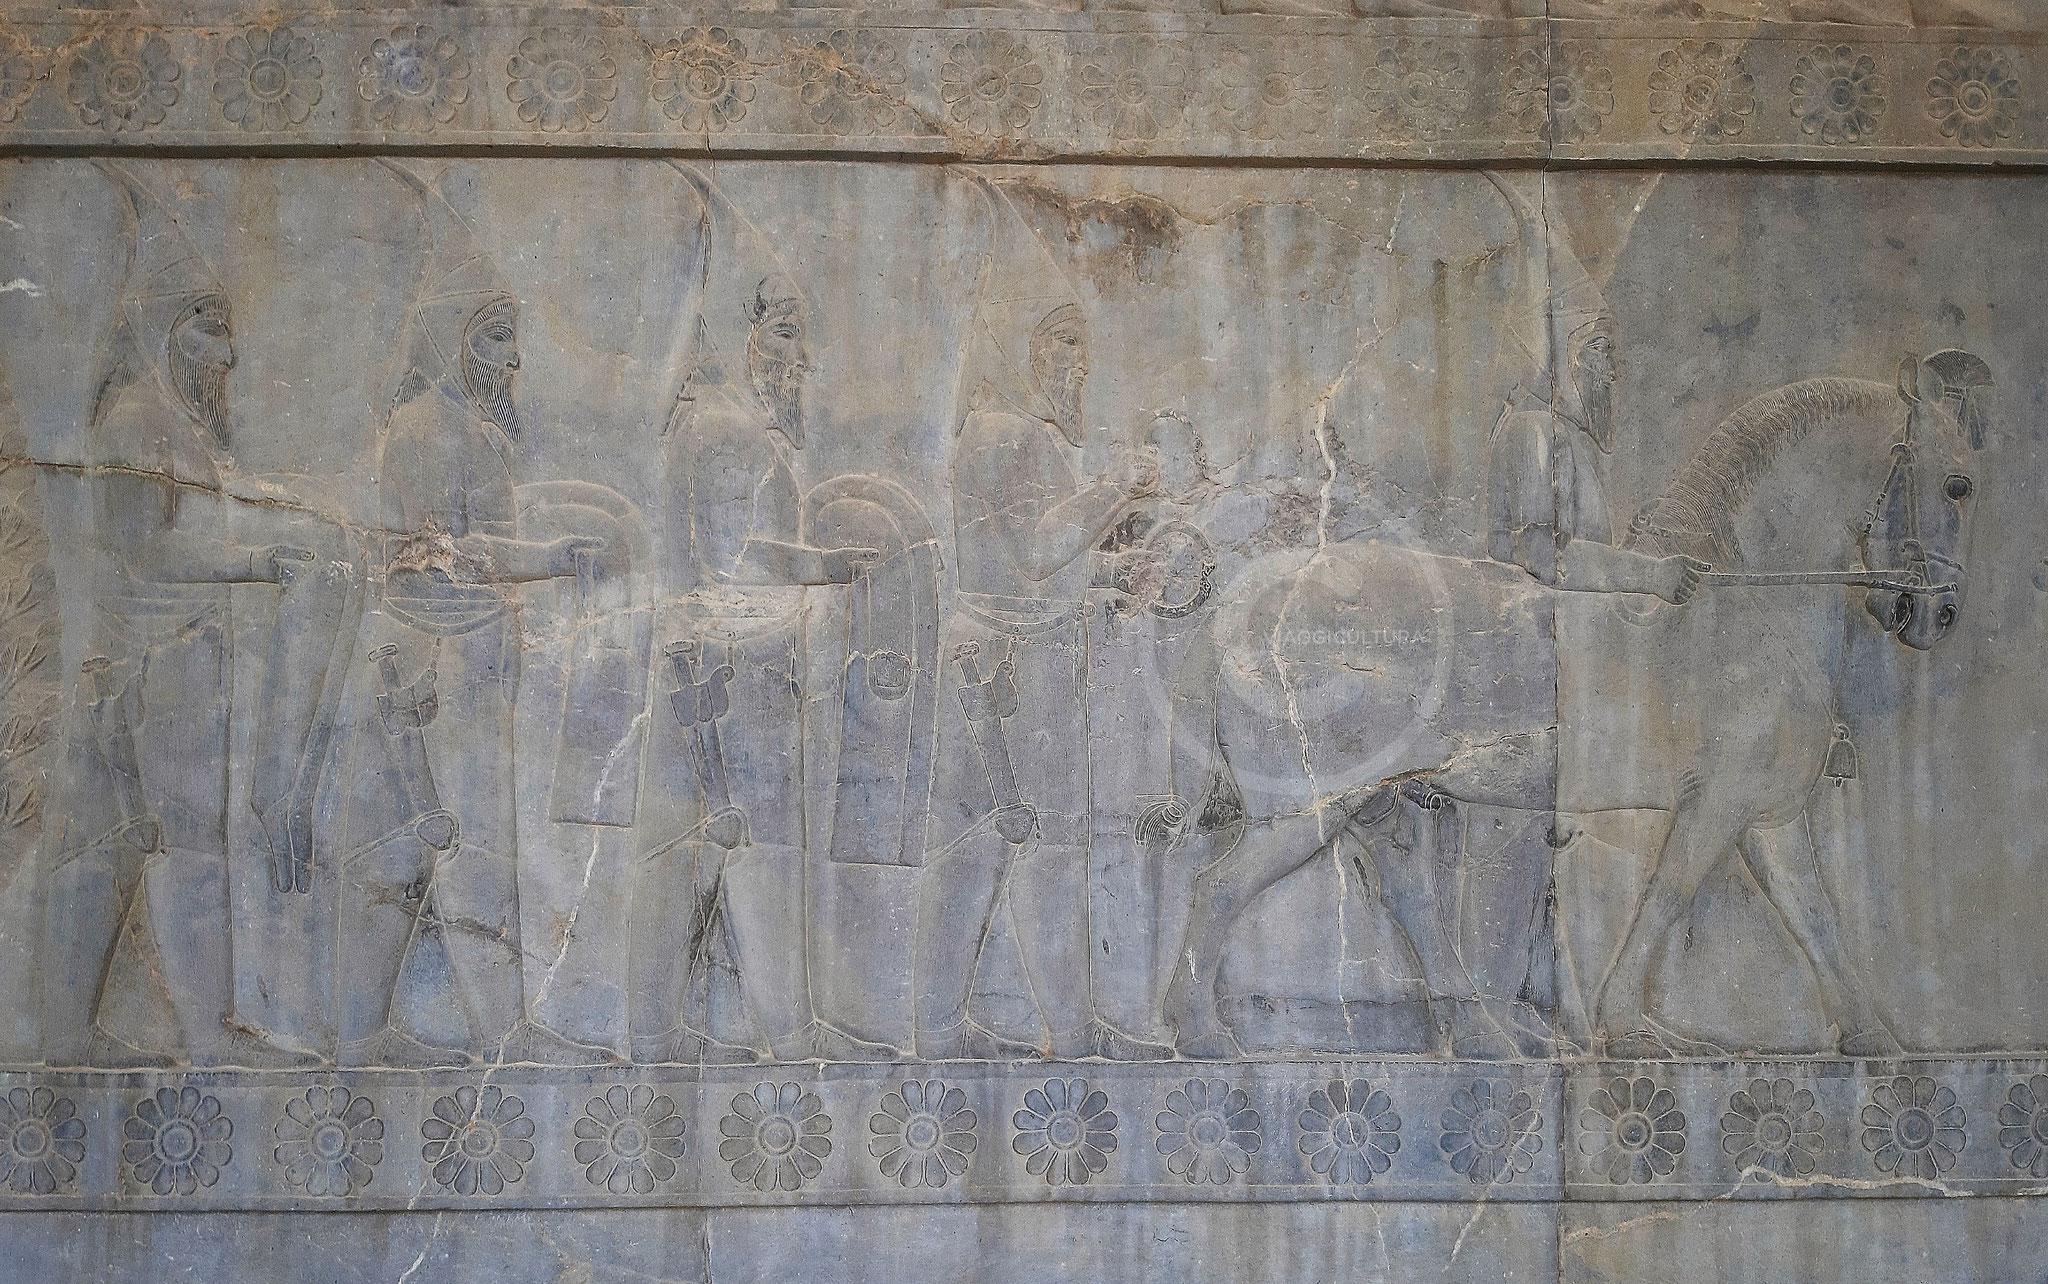 Vassalli Sciti che portano in dono uno stallone e dei braccialetti dalla testa a forma di ariete, Palazzo Apadana - Persepoli (Iran)